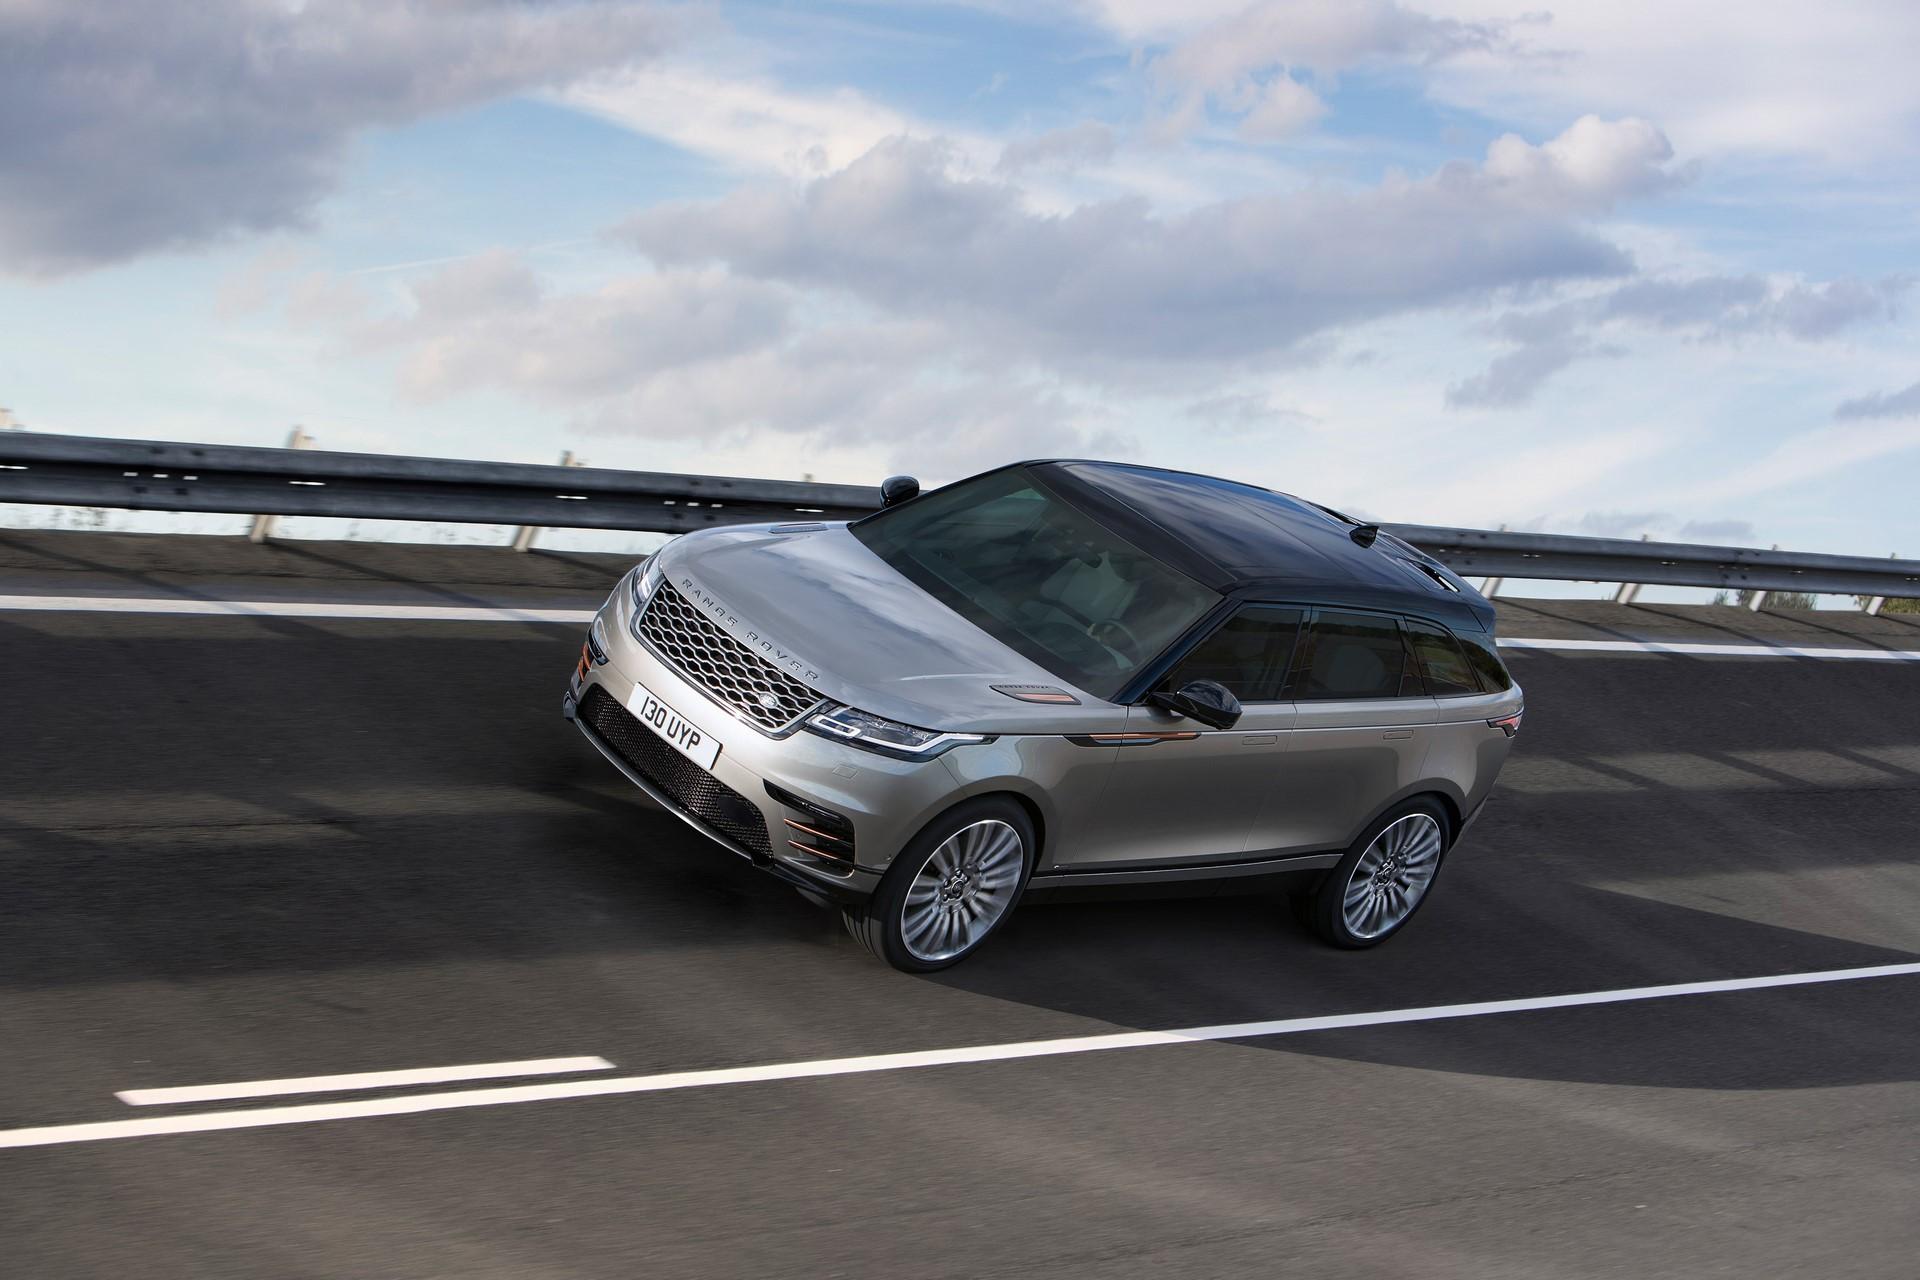 Range Rover Velar 2017 (74)